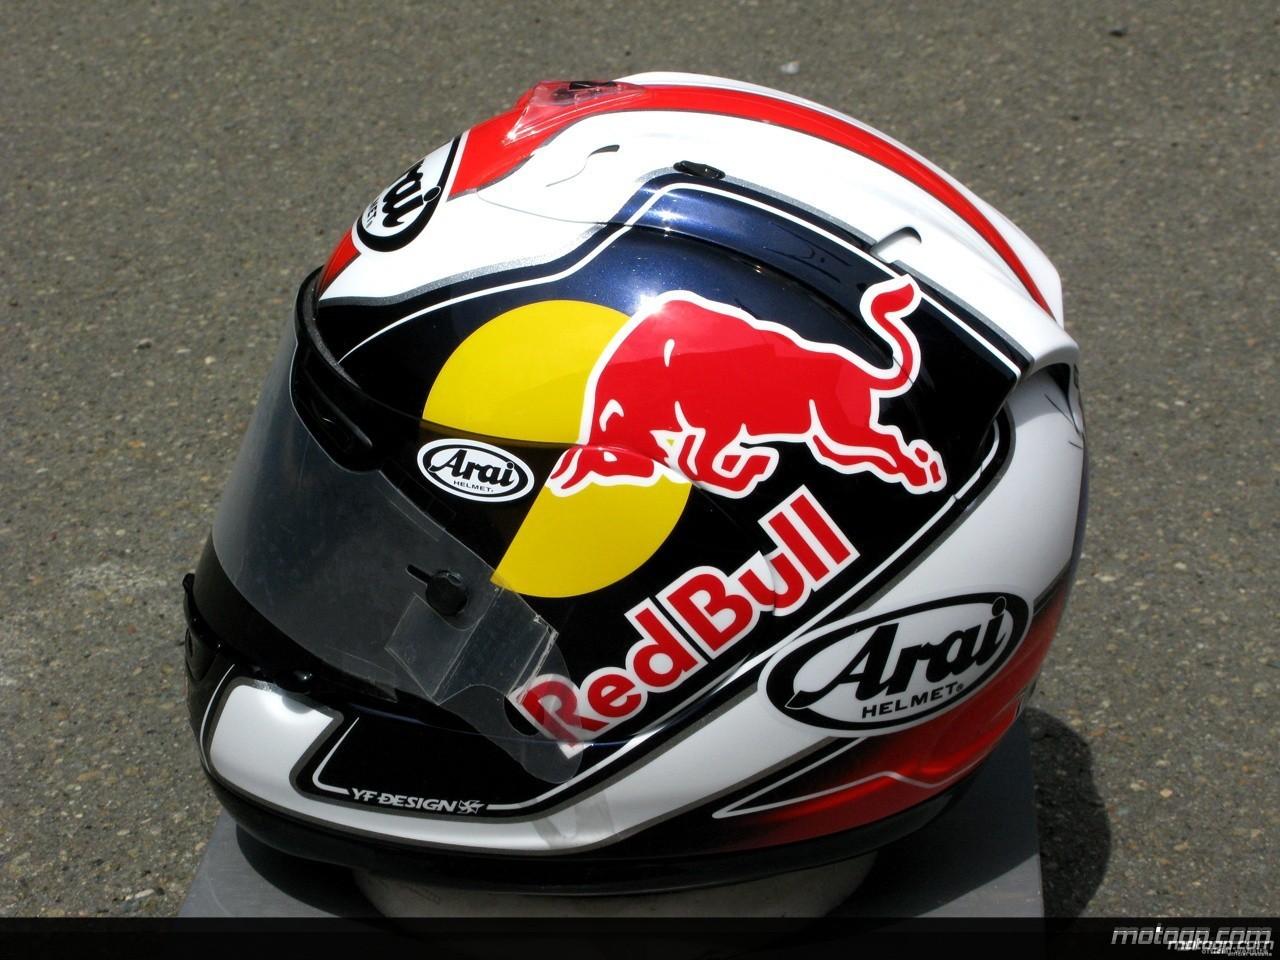 motogp.com · Repsol Honda´s Dani Pedrosa 2008 helmet